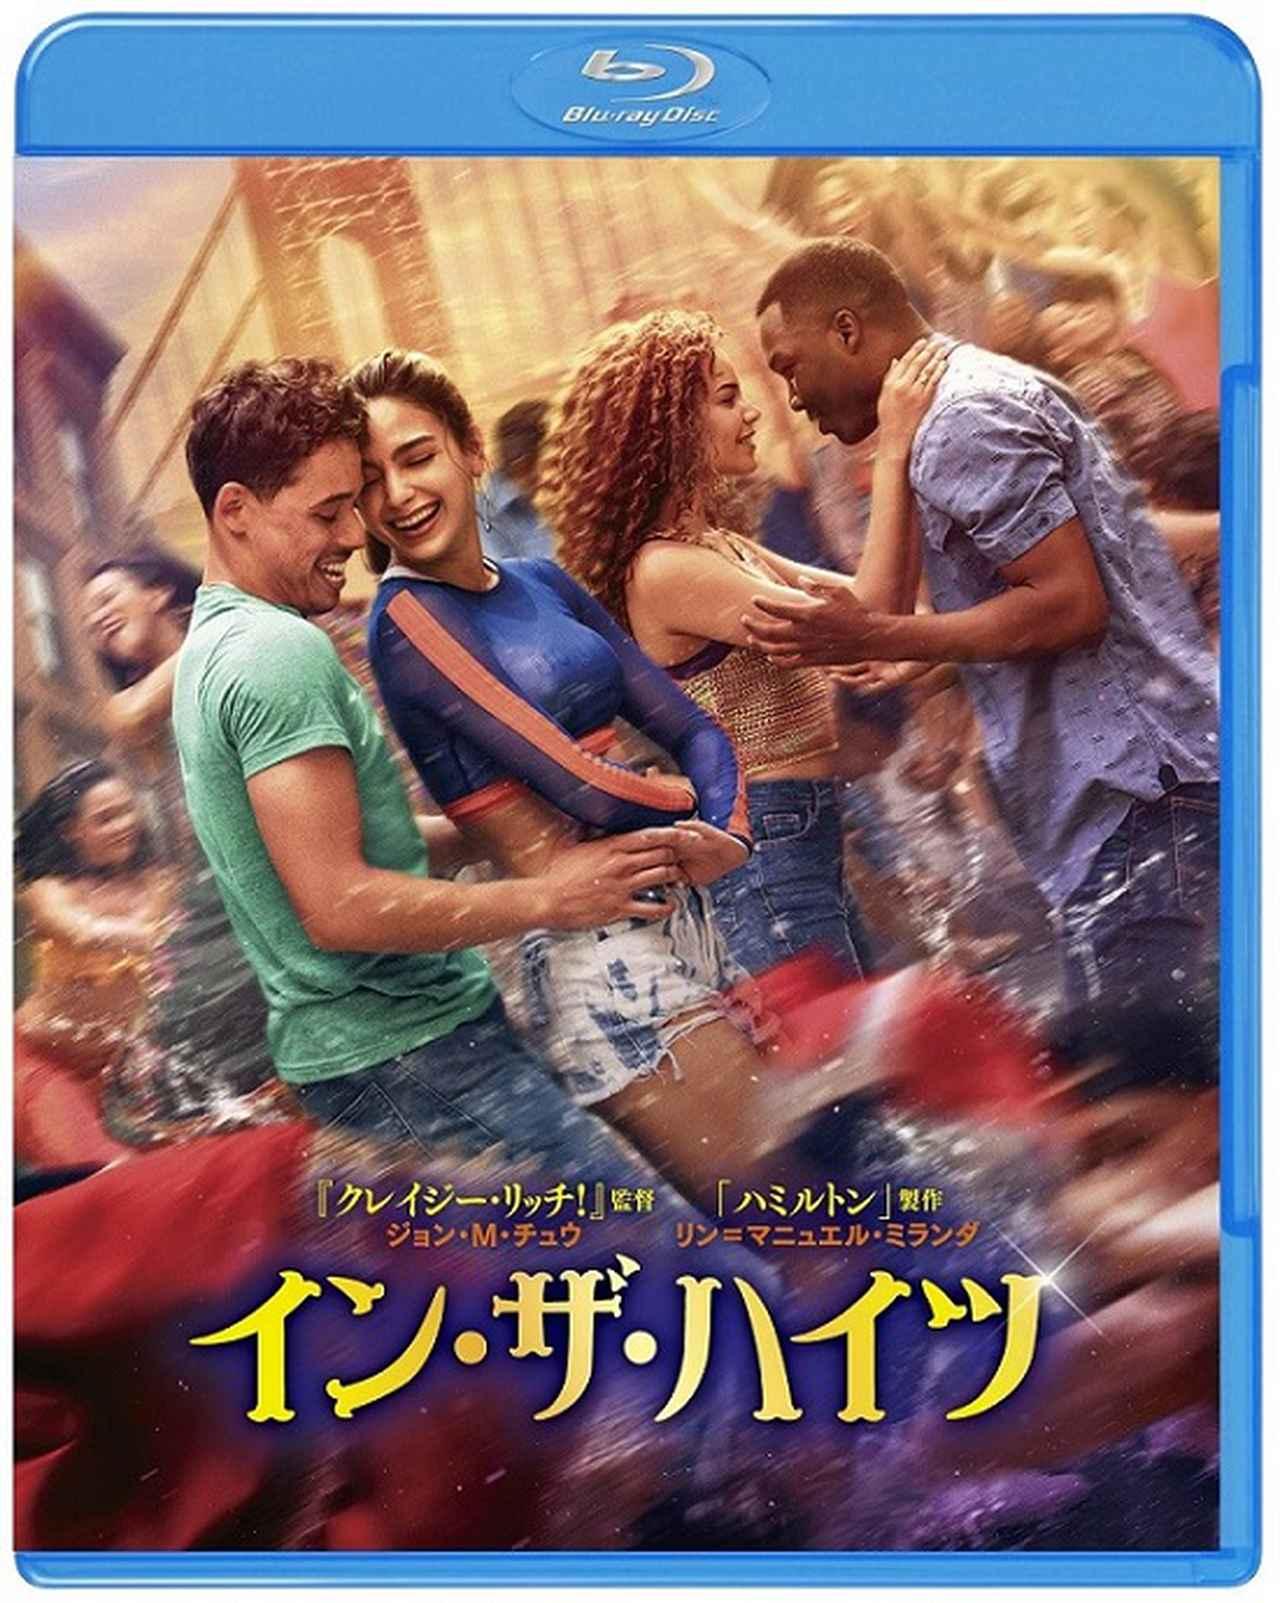 画像2: 木村昴 らの日本語吹替を新規収録!『イン・ザ・ハイツ』10月にデジタル販売、12月にBD&DVDリリース決定!